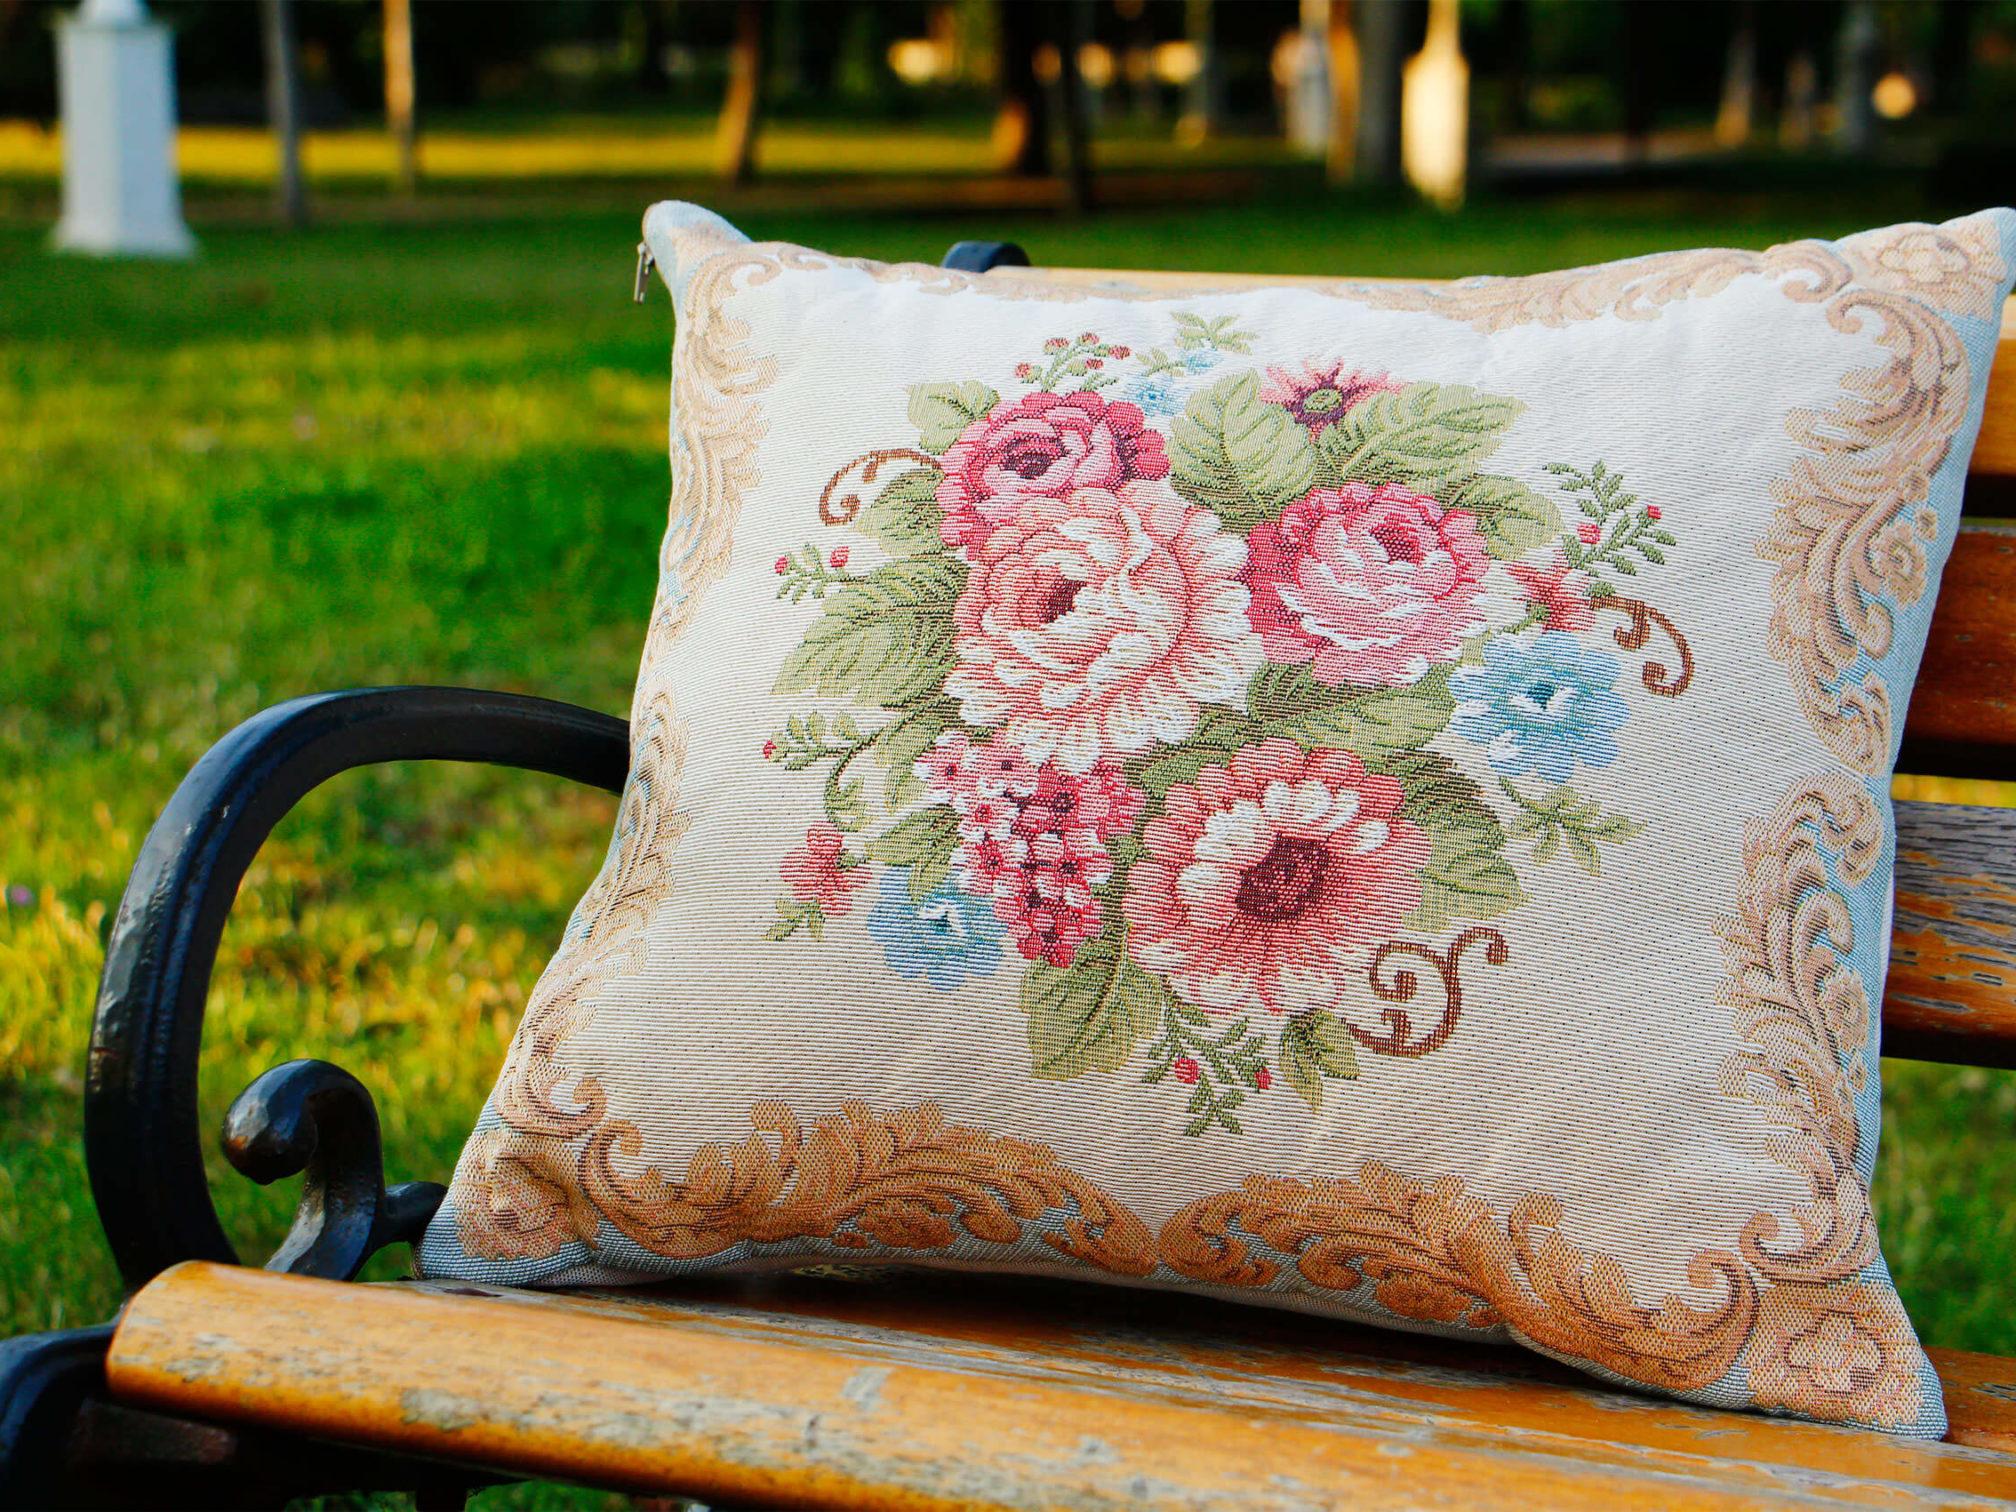 beylerbeyi-prizma-goblen-çiçek-çiçekli-desenli-kırlent-yastık-kılıfı-modelleri-fiyatları-desenleri